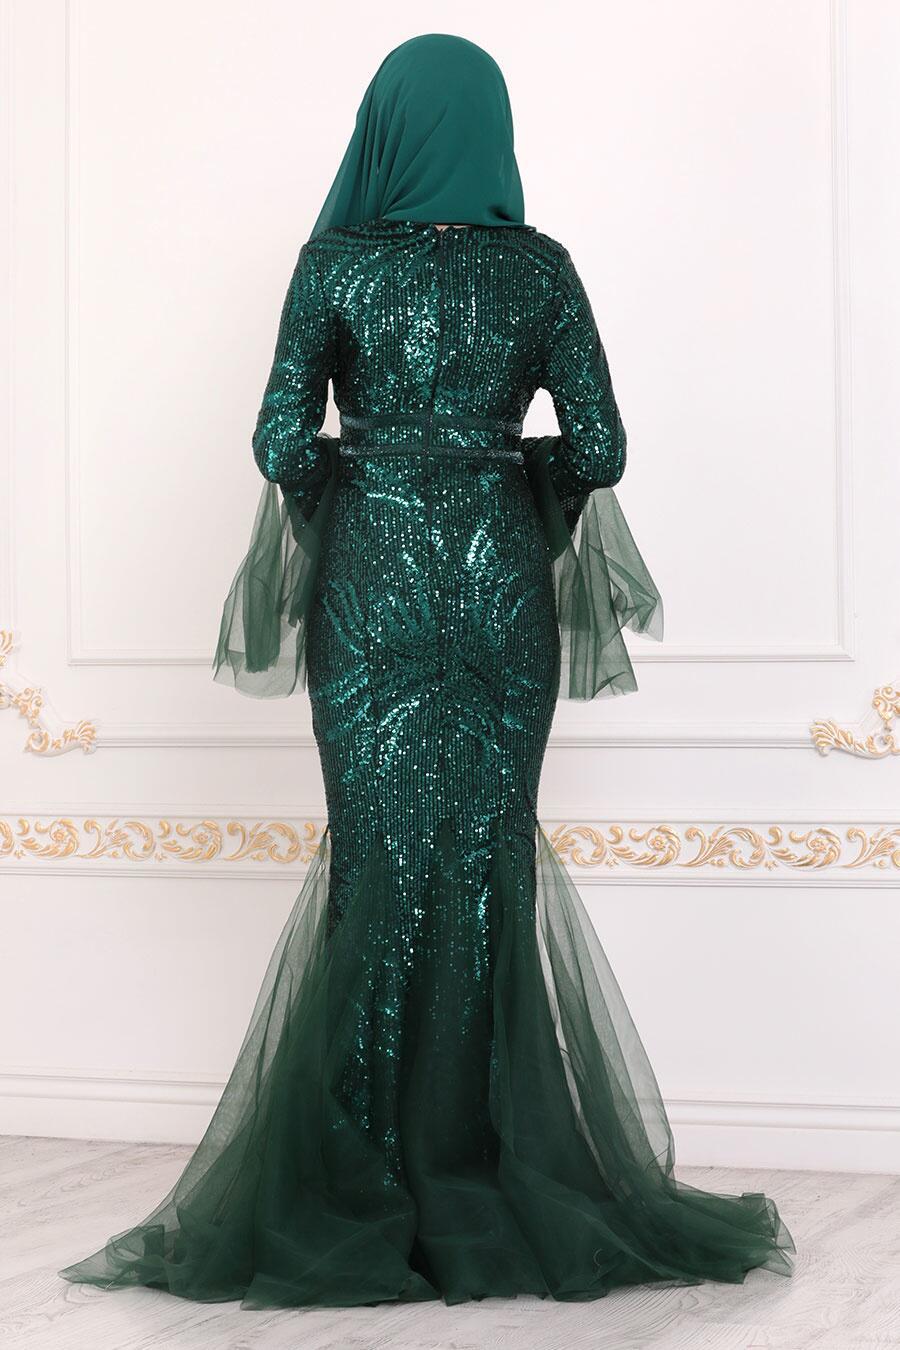 Tesettürlü Abiye Elbise - Pullu Yeşil Tesettür Abiye Elbise 22521Y